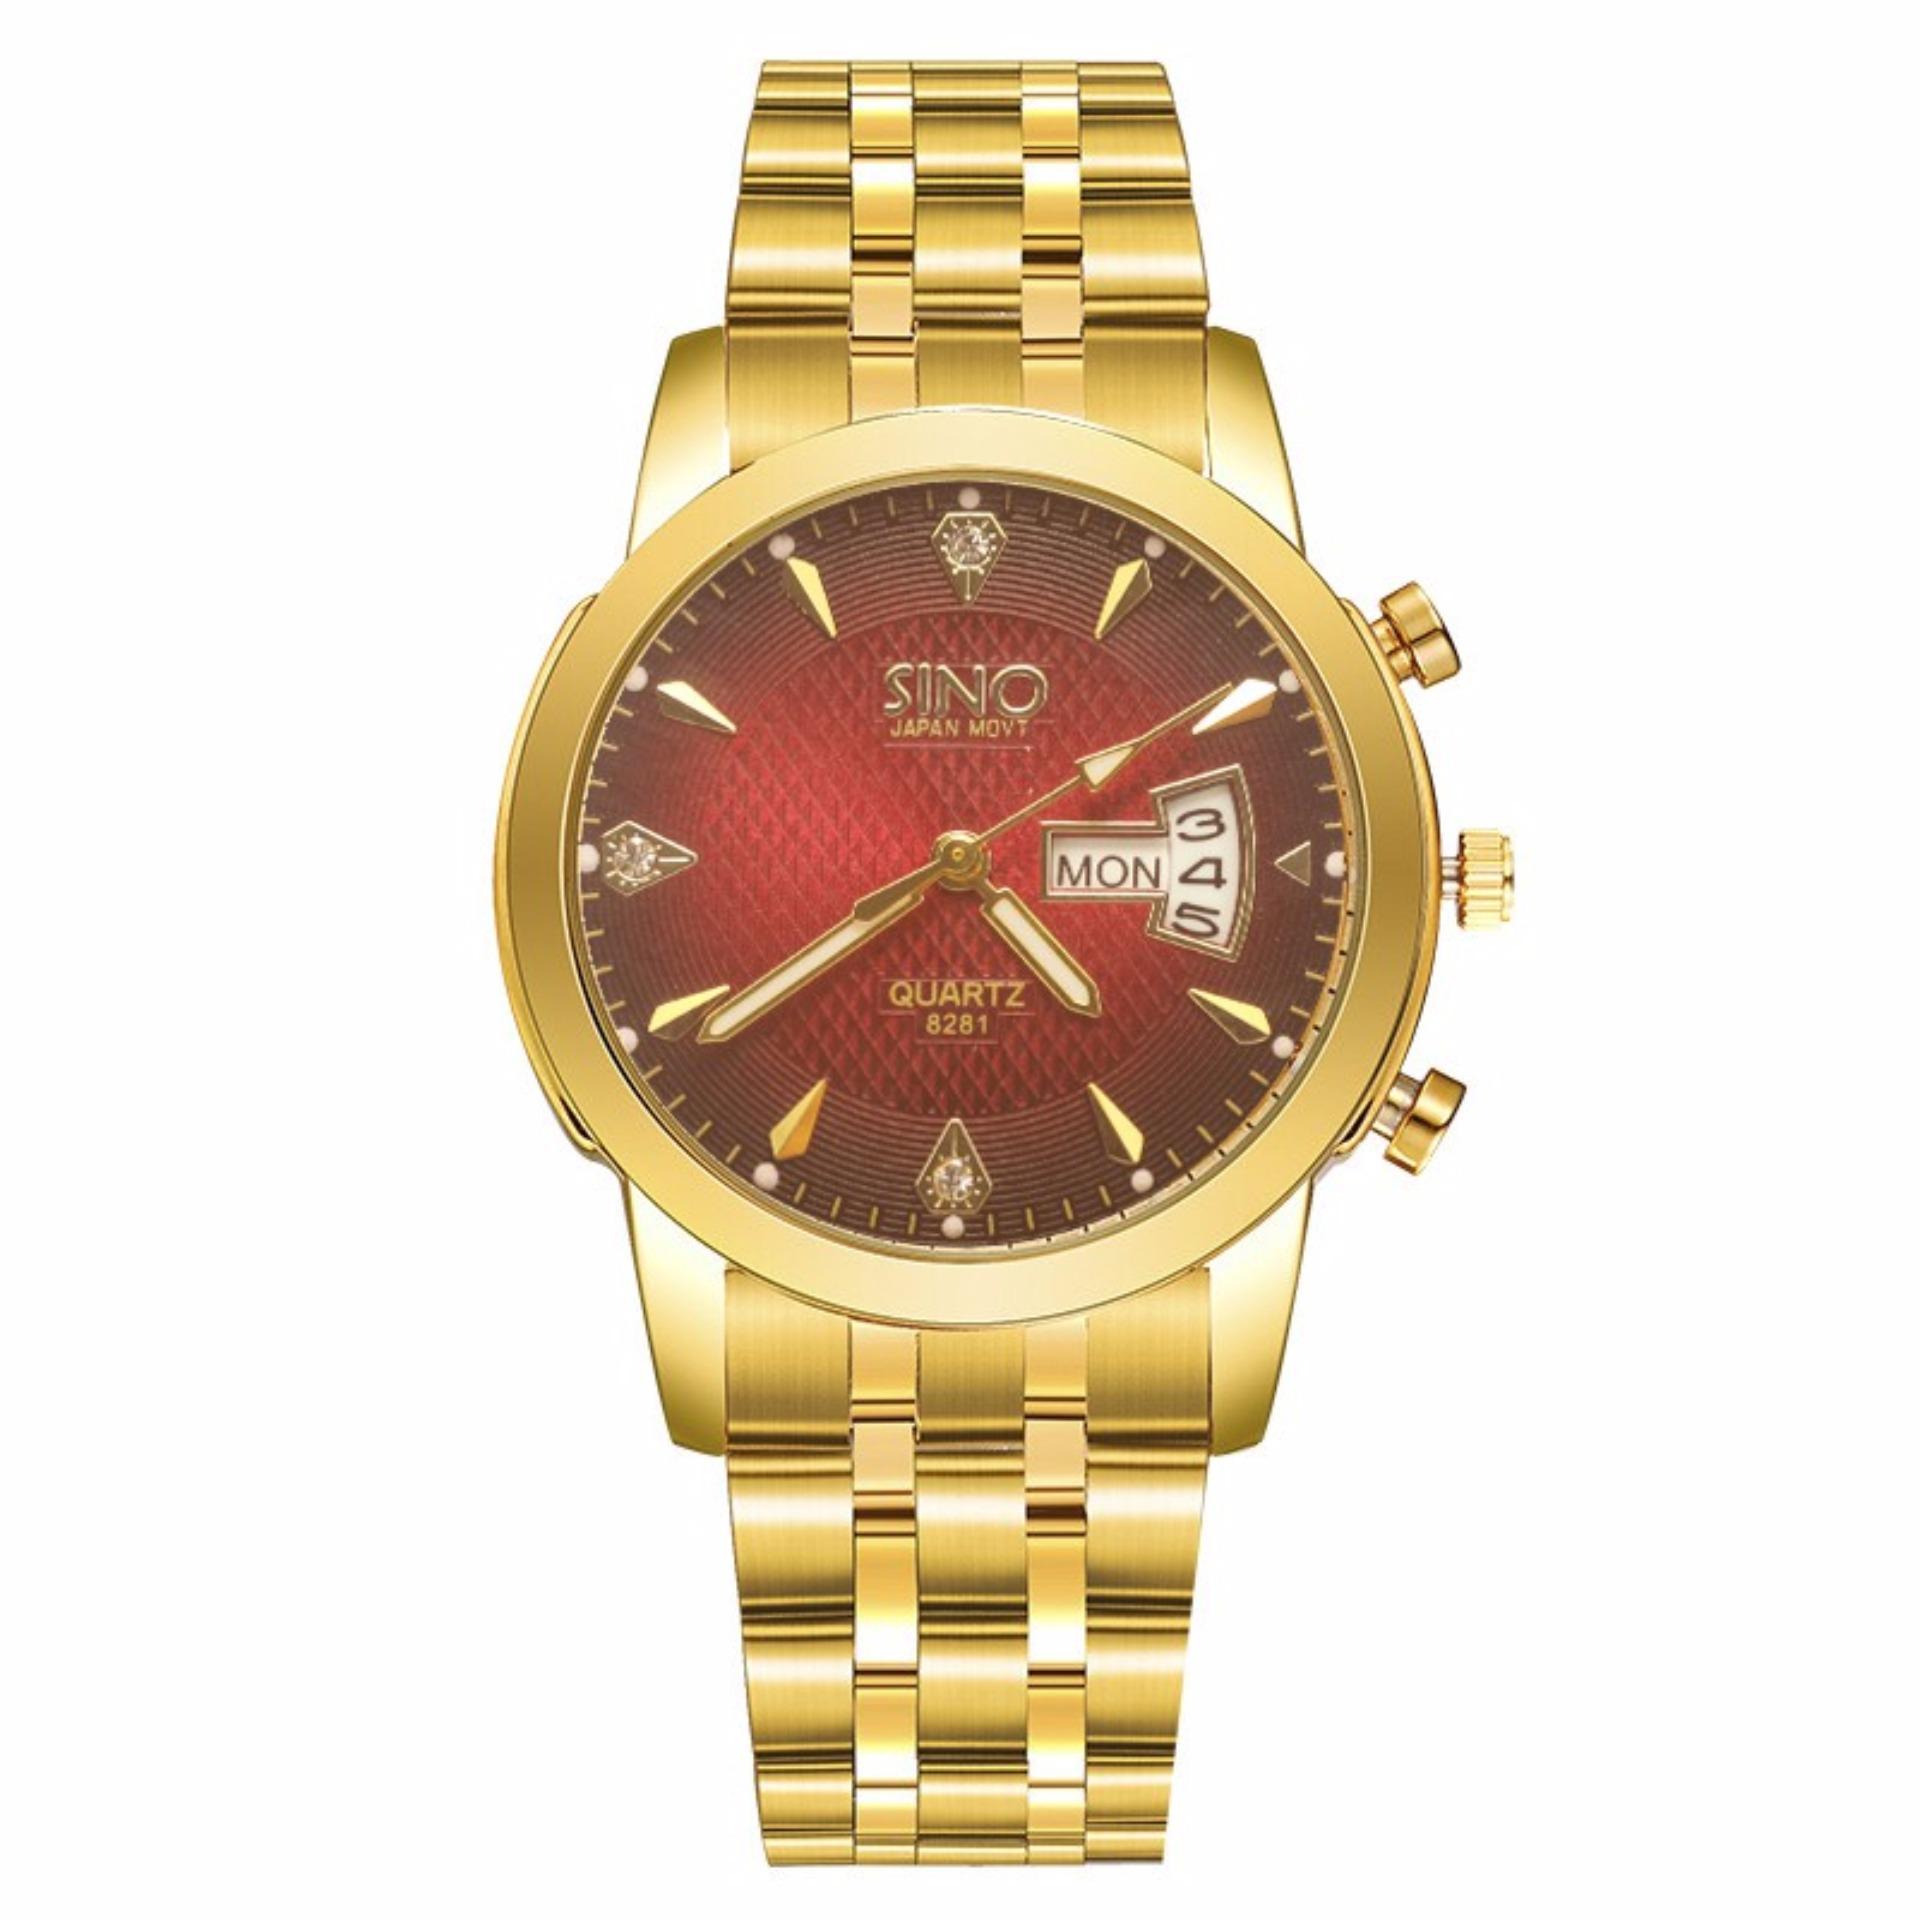 Đồng hồ nam dây thép không gỉ cao cấp SINO Japan 8281 chạy 2 lịch – 5 Màu + Tặng kèm pin đồng hồ – Đỏ